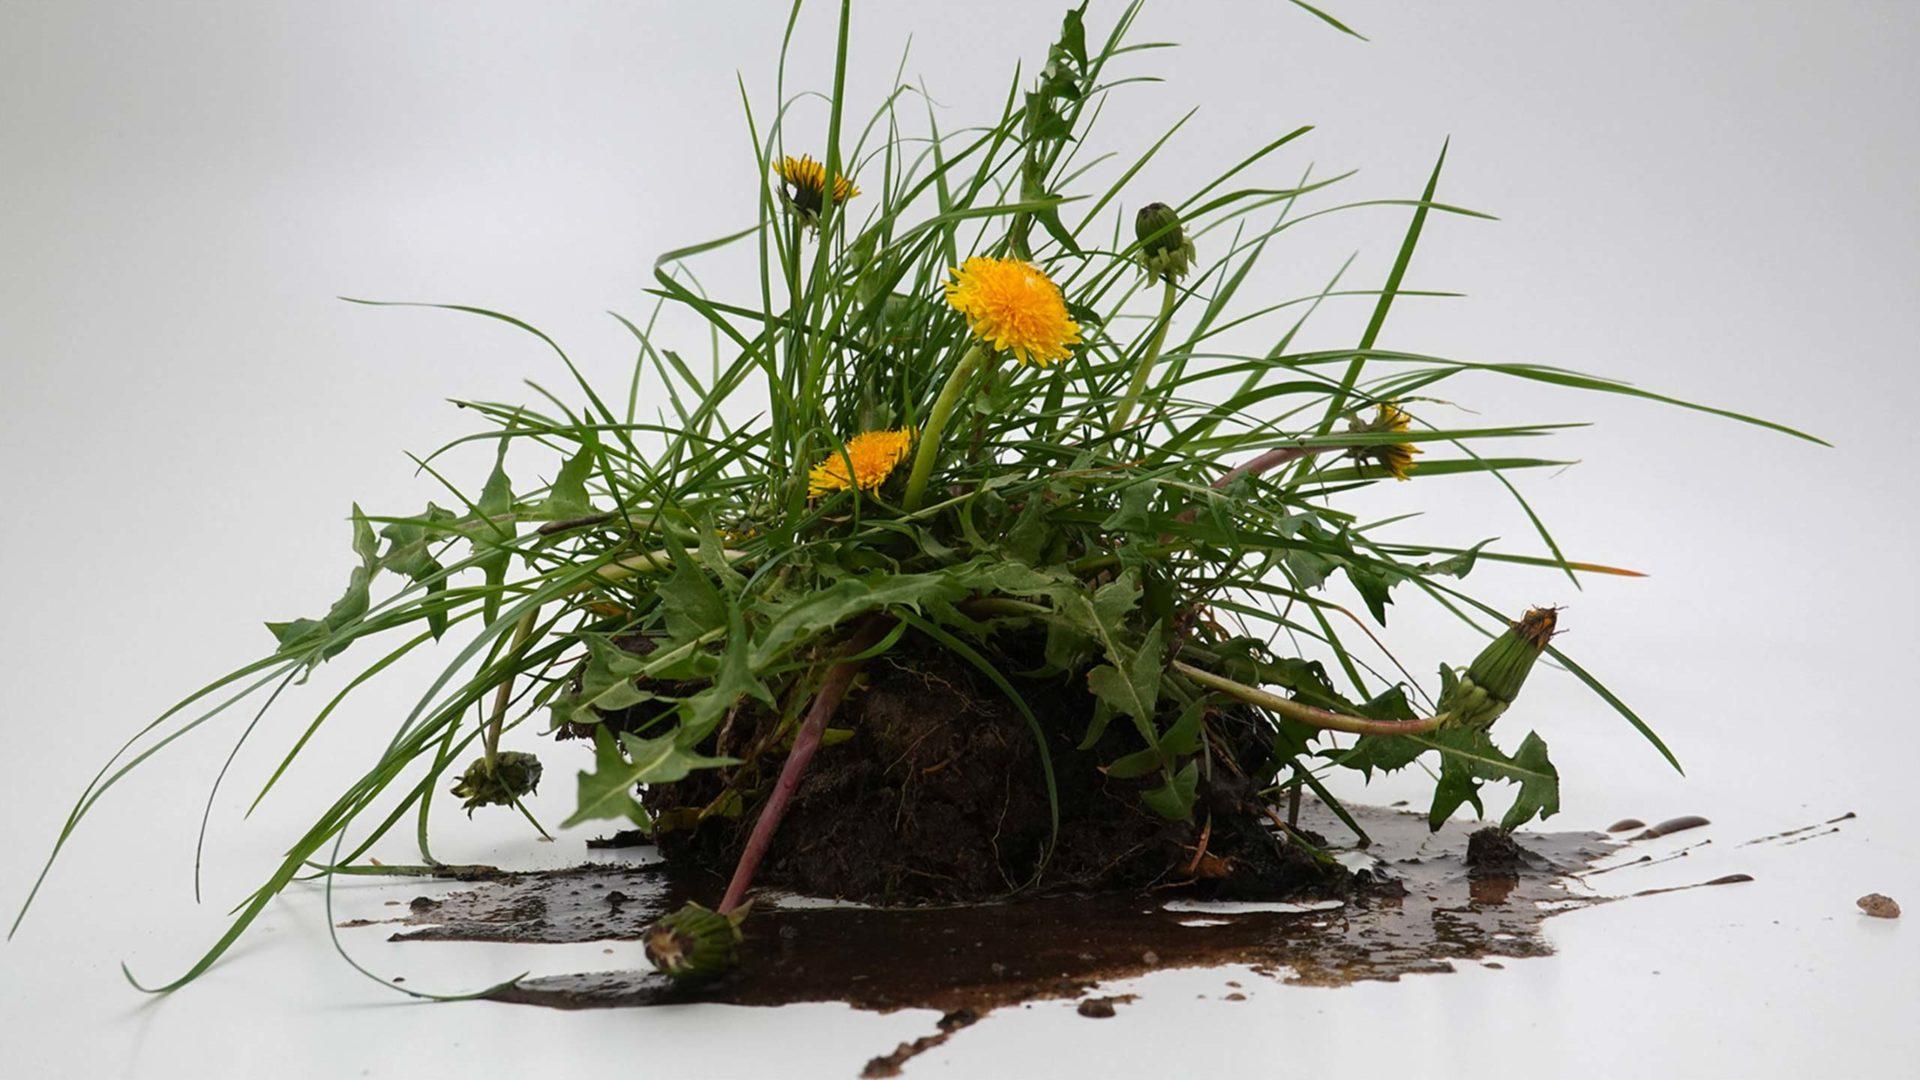 Lowenzahnpflanze mit Gras und Erde